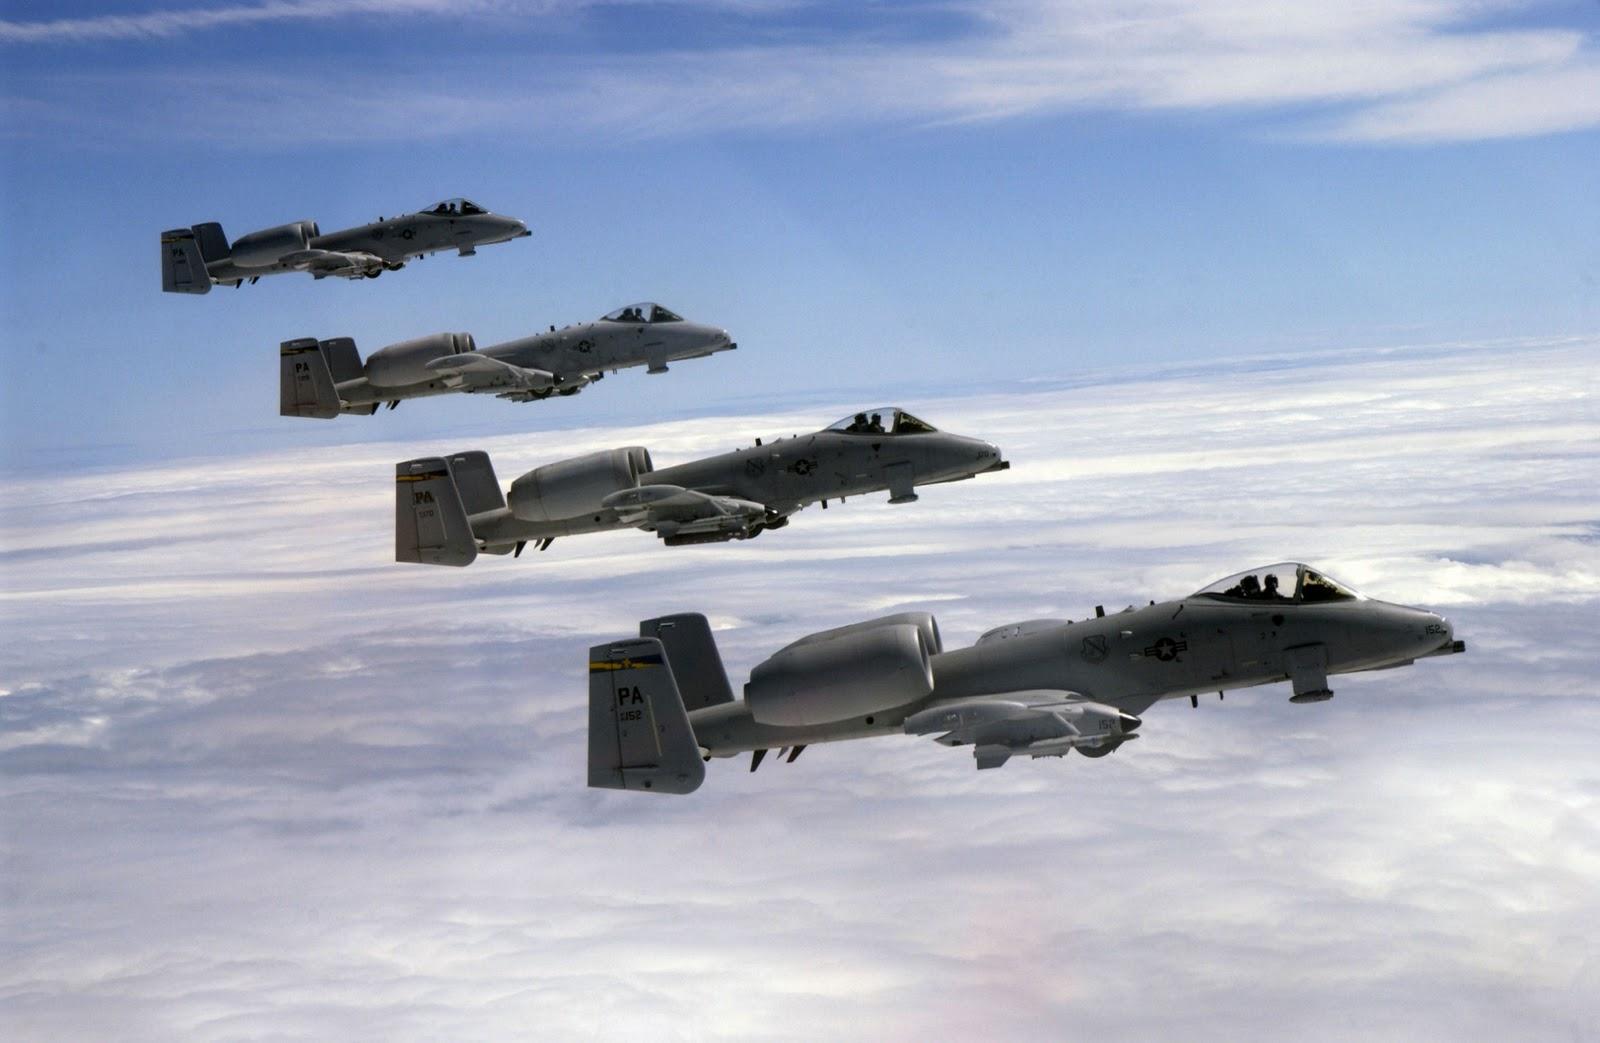 A 10 Warthog Global War Bird...